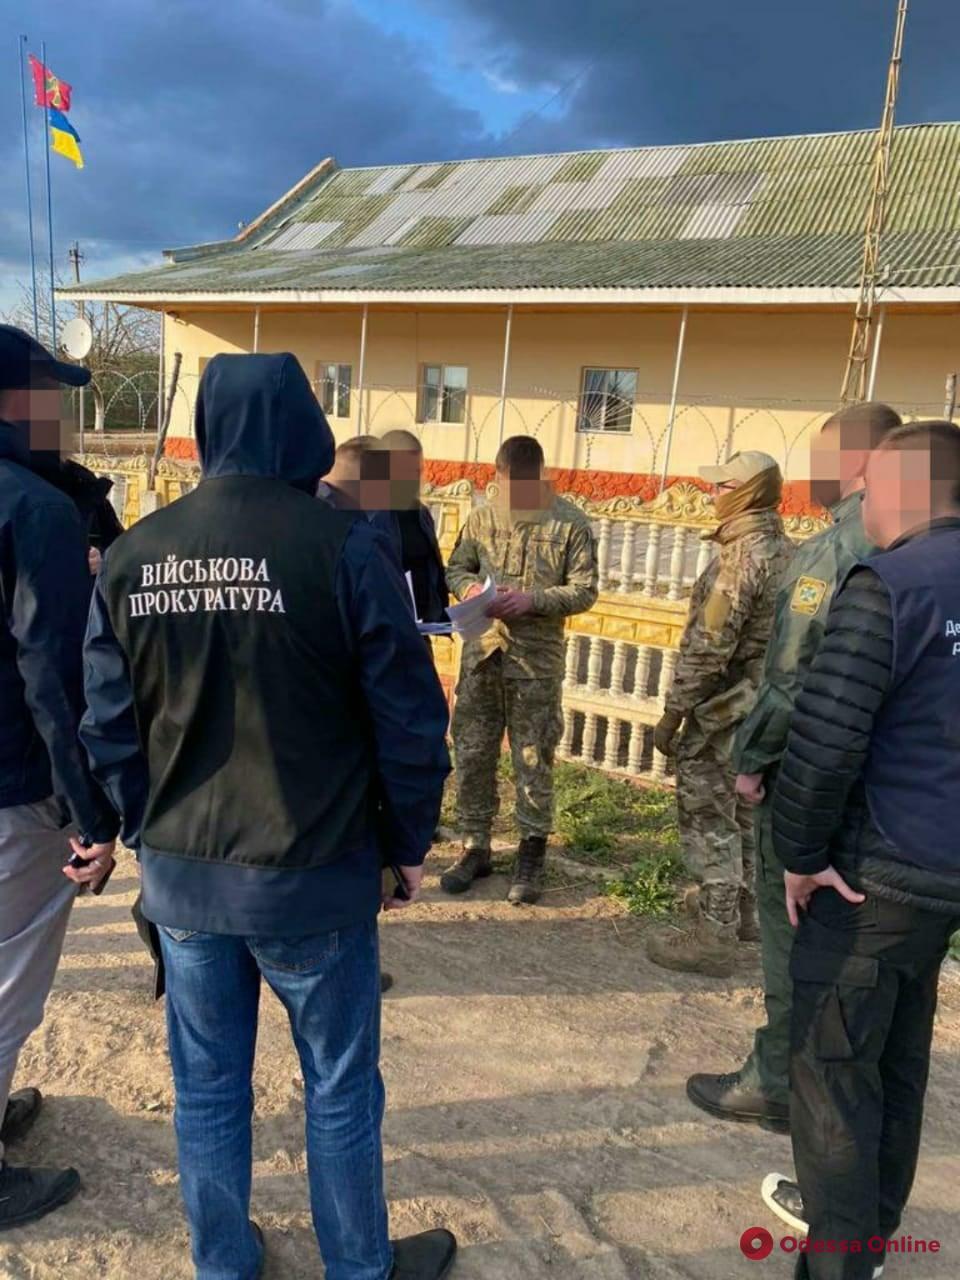 В Одесской области пограничник за взятку обещал помочь вывезти в Молдову контрабандный товар